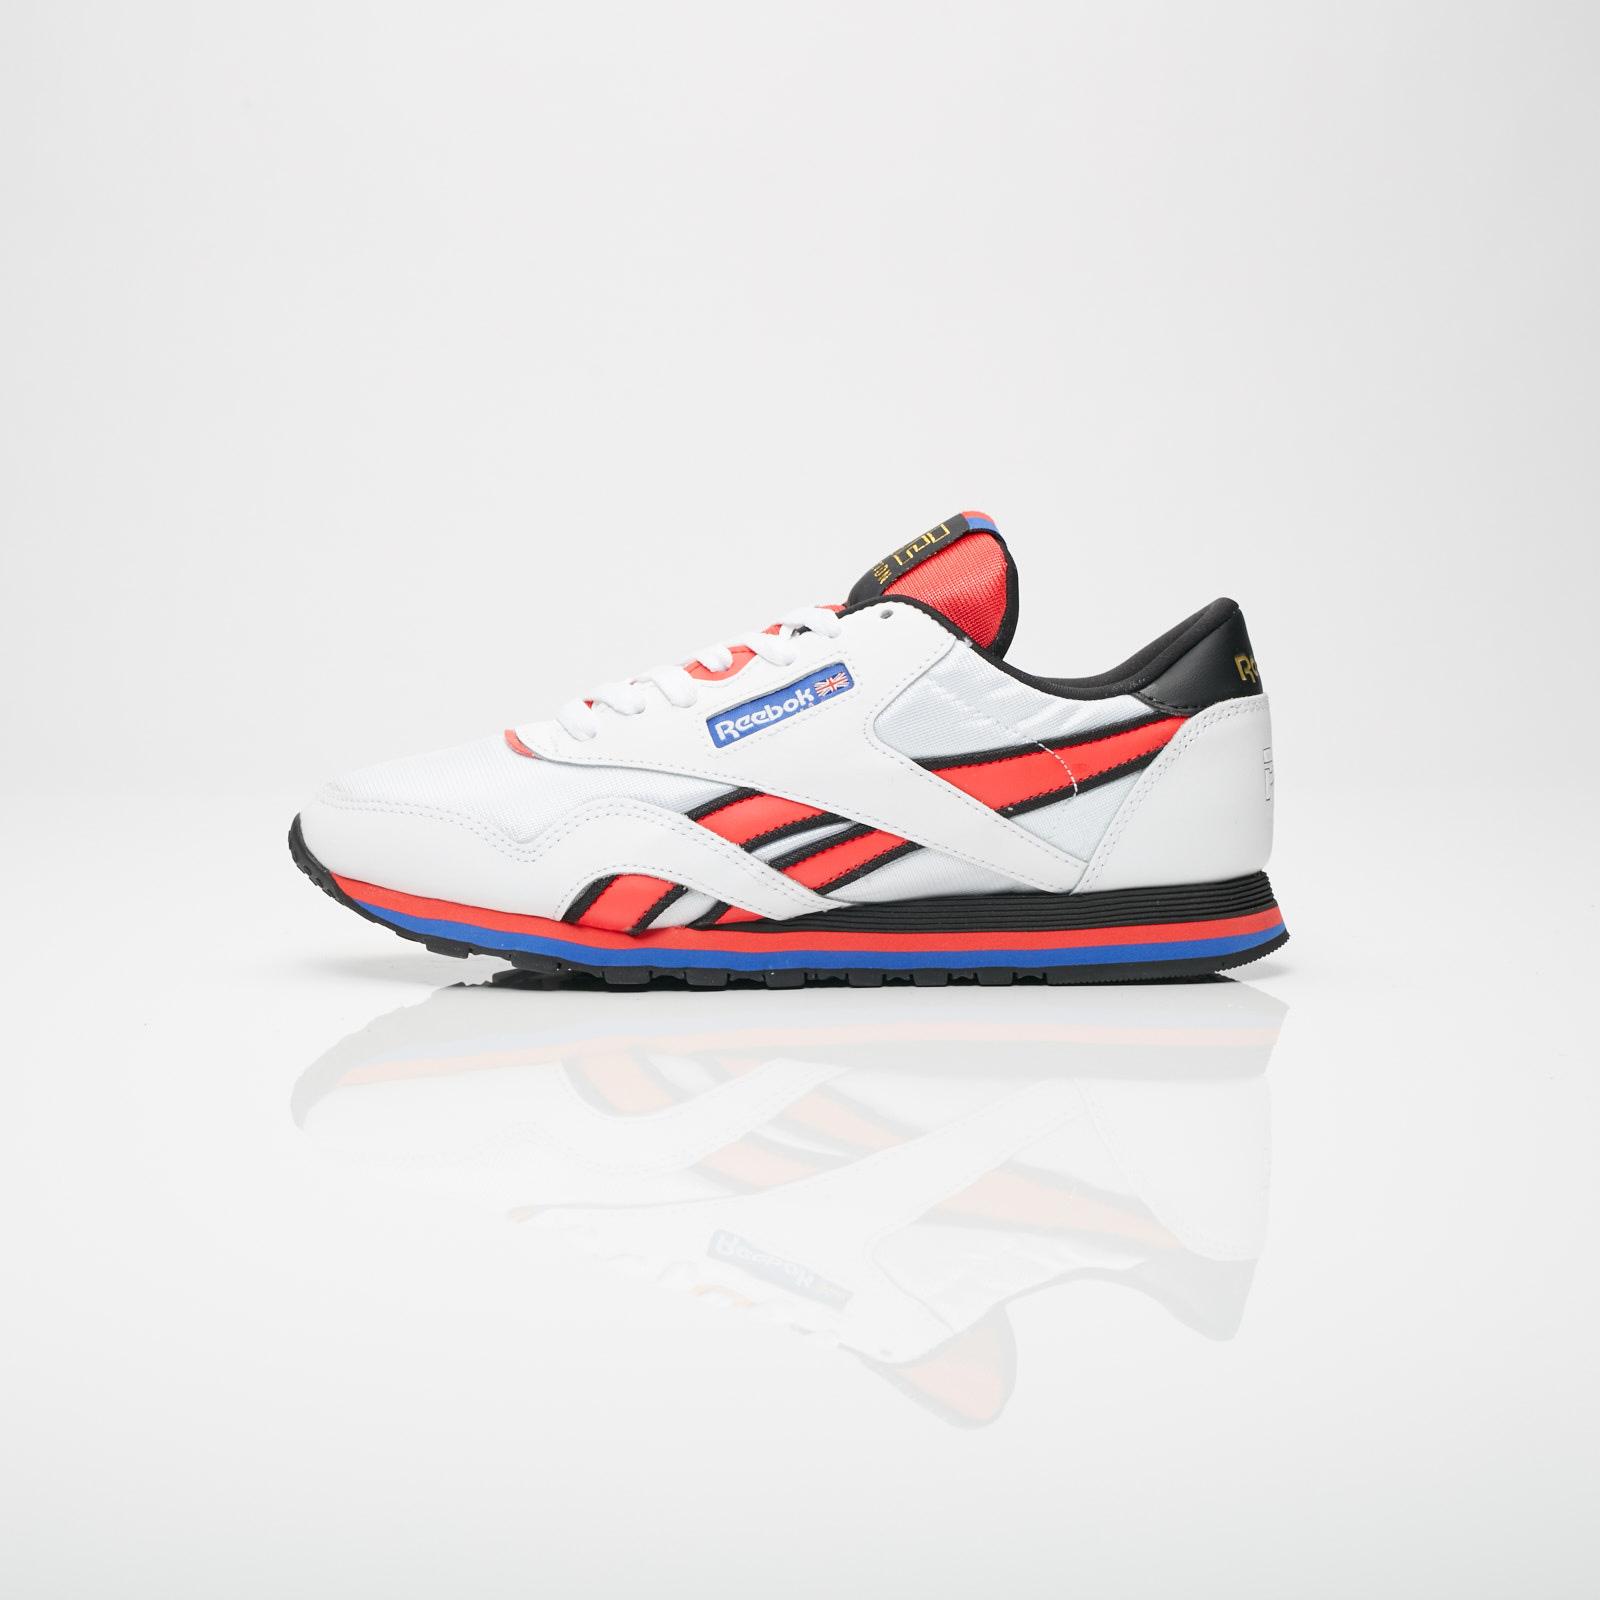 2ca87adb739e71 Reebok Classic Leather Nylon P.E Nation - Cn3904 - Sneakersnstuff ...